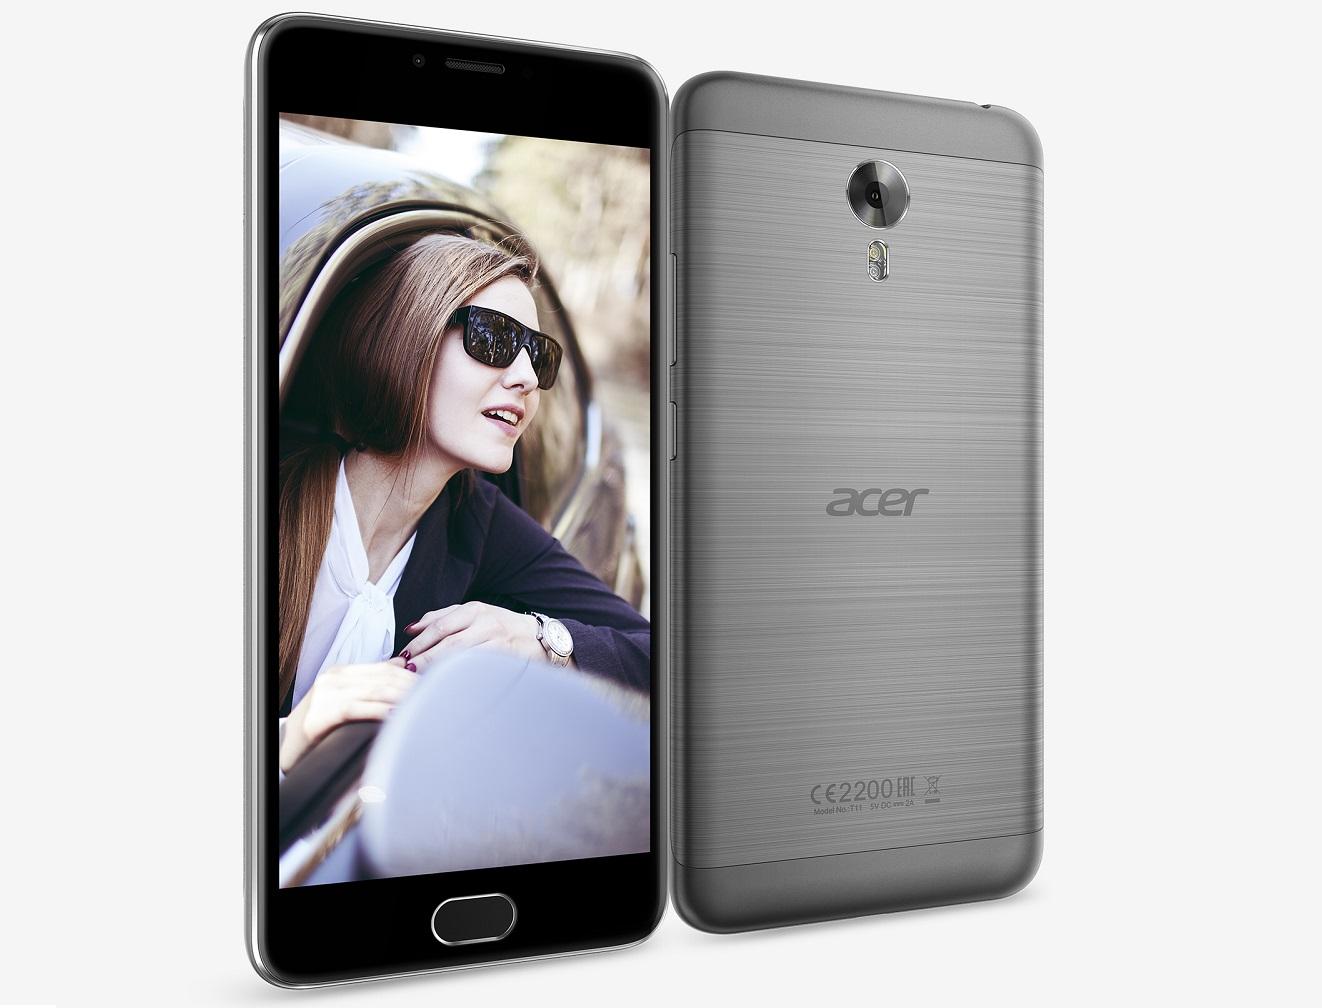 Der, akku im iPhone 8 macht Probleme? Screenshop, Dein iPhone und Samsung Galaxy IPhone, akku schnell leer?